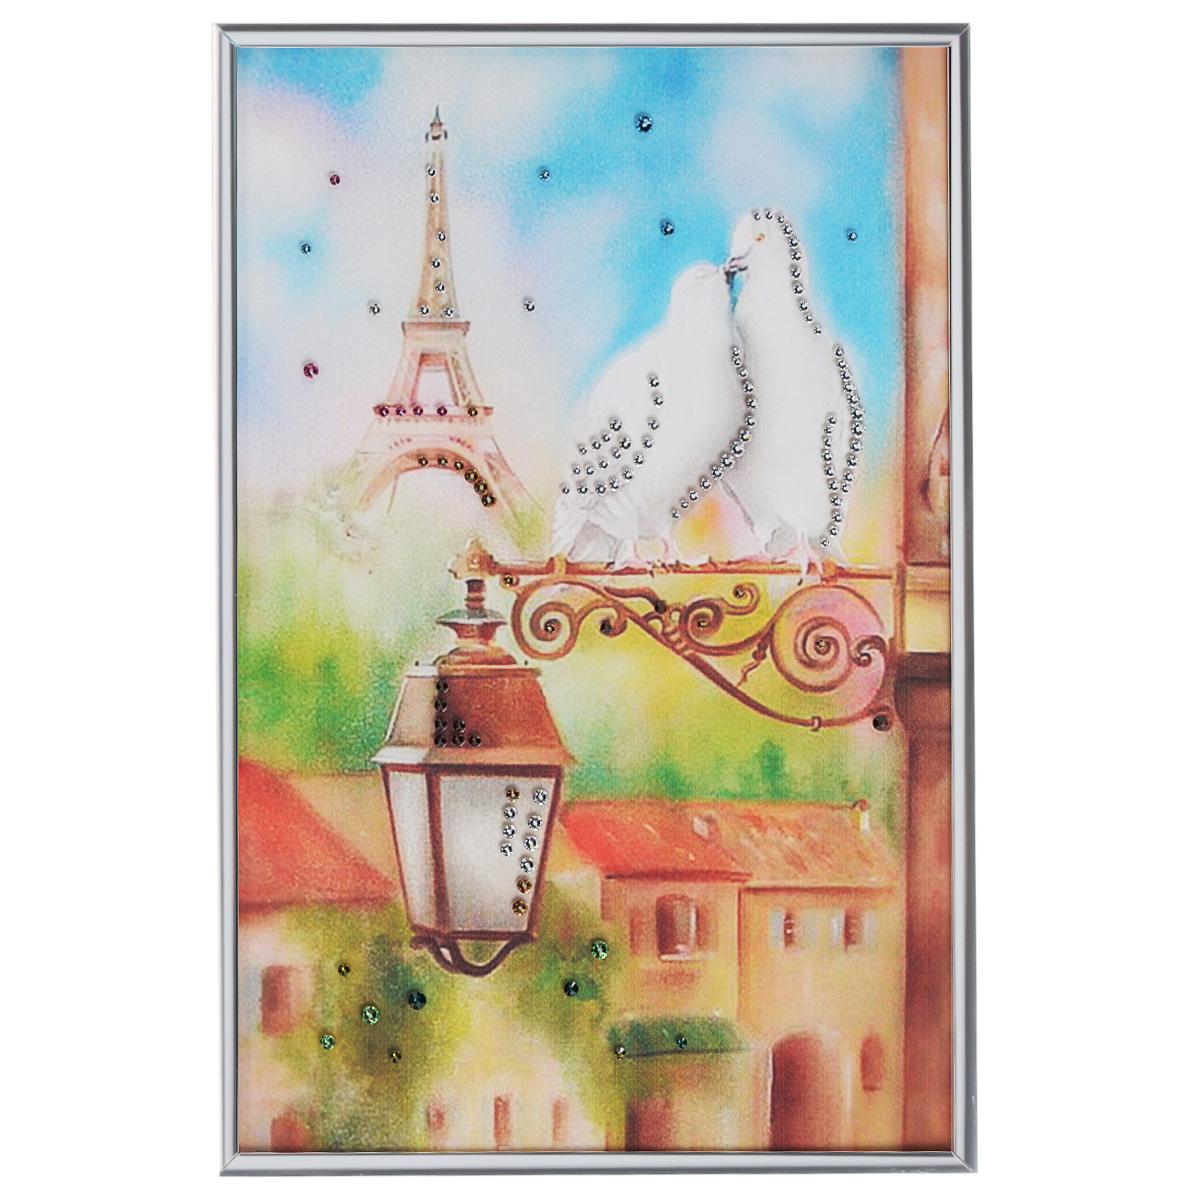 Картина с кристаллами Swarovski Голуби в Париже, 20 см х 30 см1328Изящная картина в металлической раме, инкрустирована кристаллами Swarovski, которые отличаются четкой и ровной огранкой, ярким блеском и чистотой цвета. Красочное изображение двух голубей на фоне Эйфелевой башни, расположенное под стеклом, прекрасно дополняет блеск кристаллов. С обратной стороны имеется металлическая петелька для размещения картины на стене. Картина с кристаллами Swarovski Голуби в Париже элегантно украсит интерьер дома или офиса, а также станет прекрасным подарком, который обязательно понравится получателю. Блеск кристаллов в интерьере, что может быть сказочнее и удивительнее. Картина упакована в подарочную картонную коробку синего цвета и комплектуется сертификатом соответствия Swarovski.